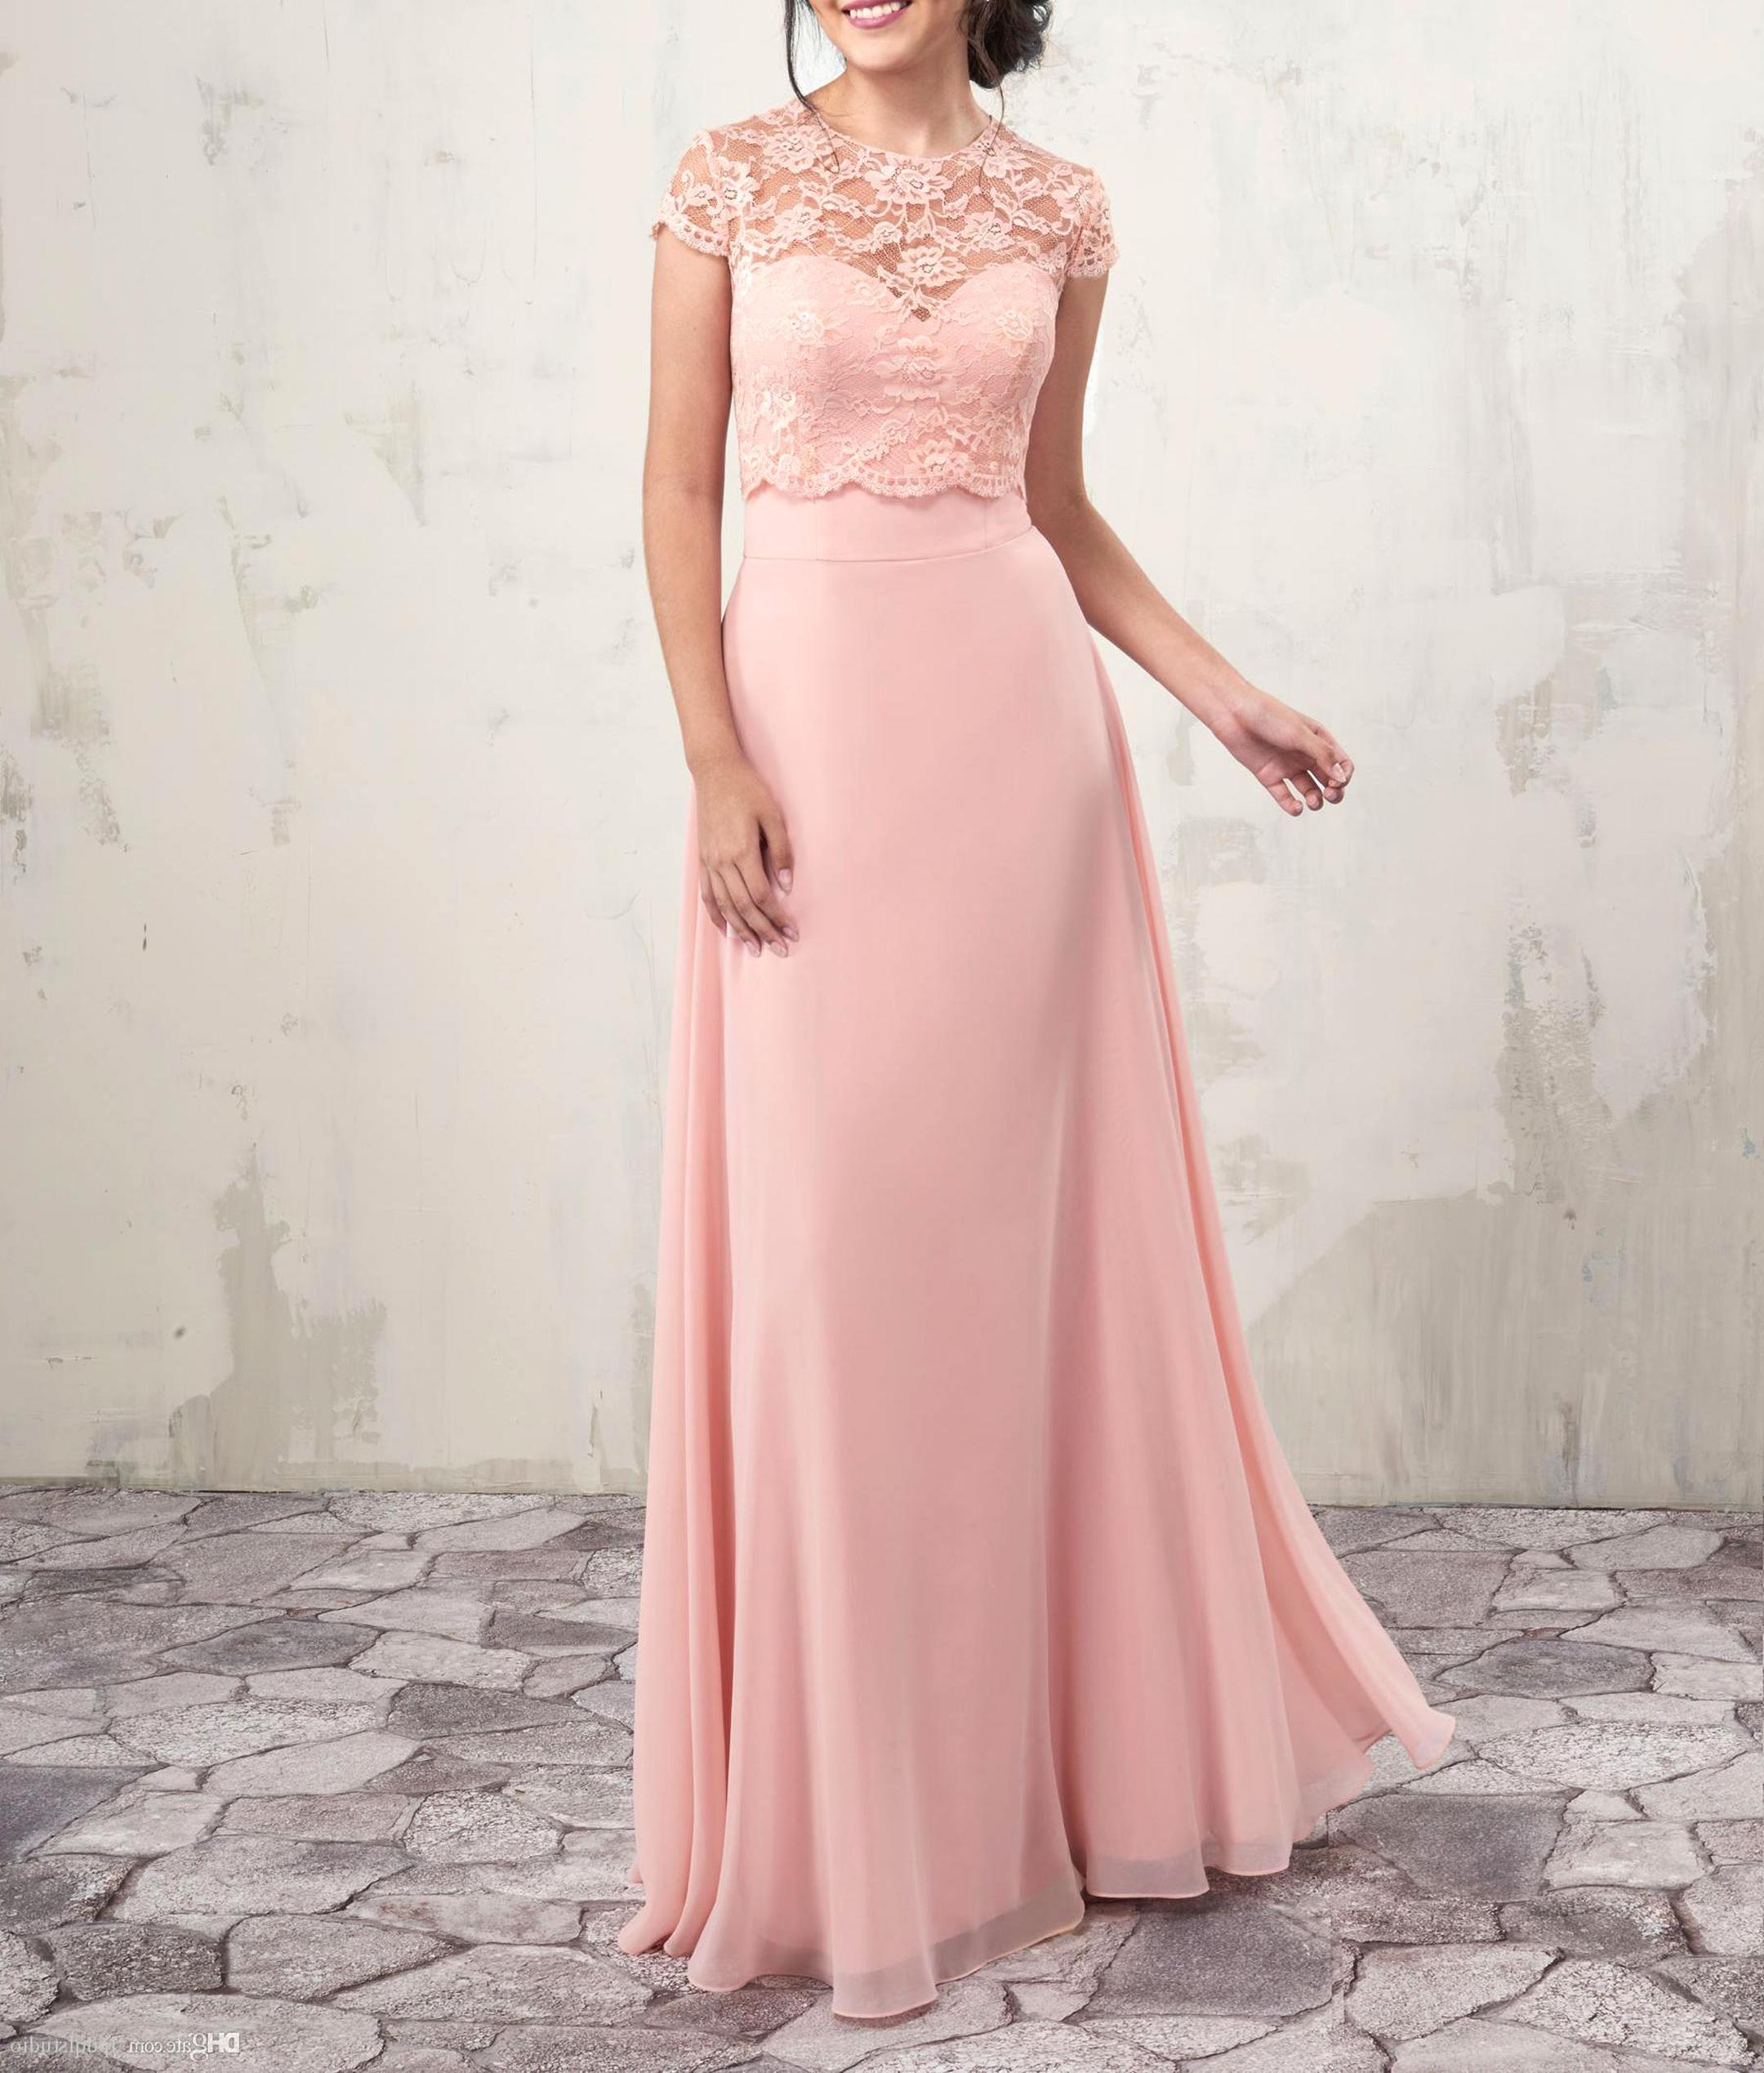 Hochzeit Party Kleid Gebraucht Kaufen! Nur 3 St. Bis -75